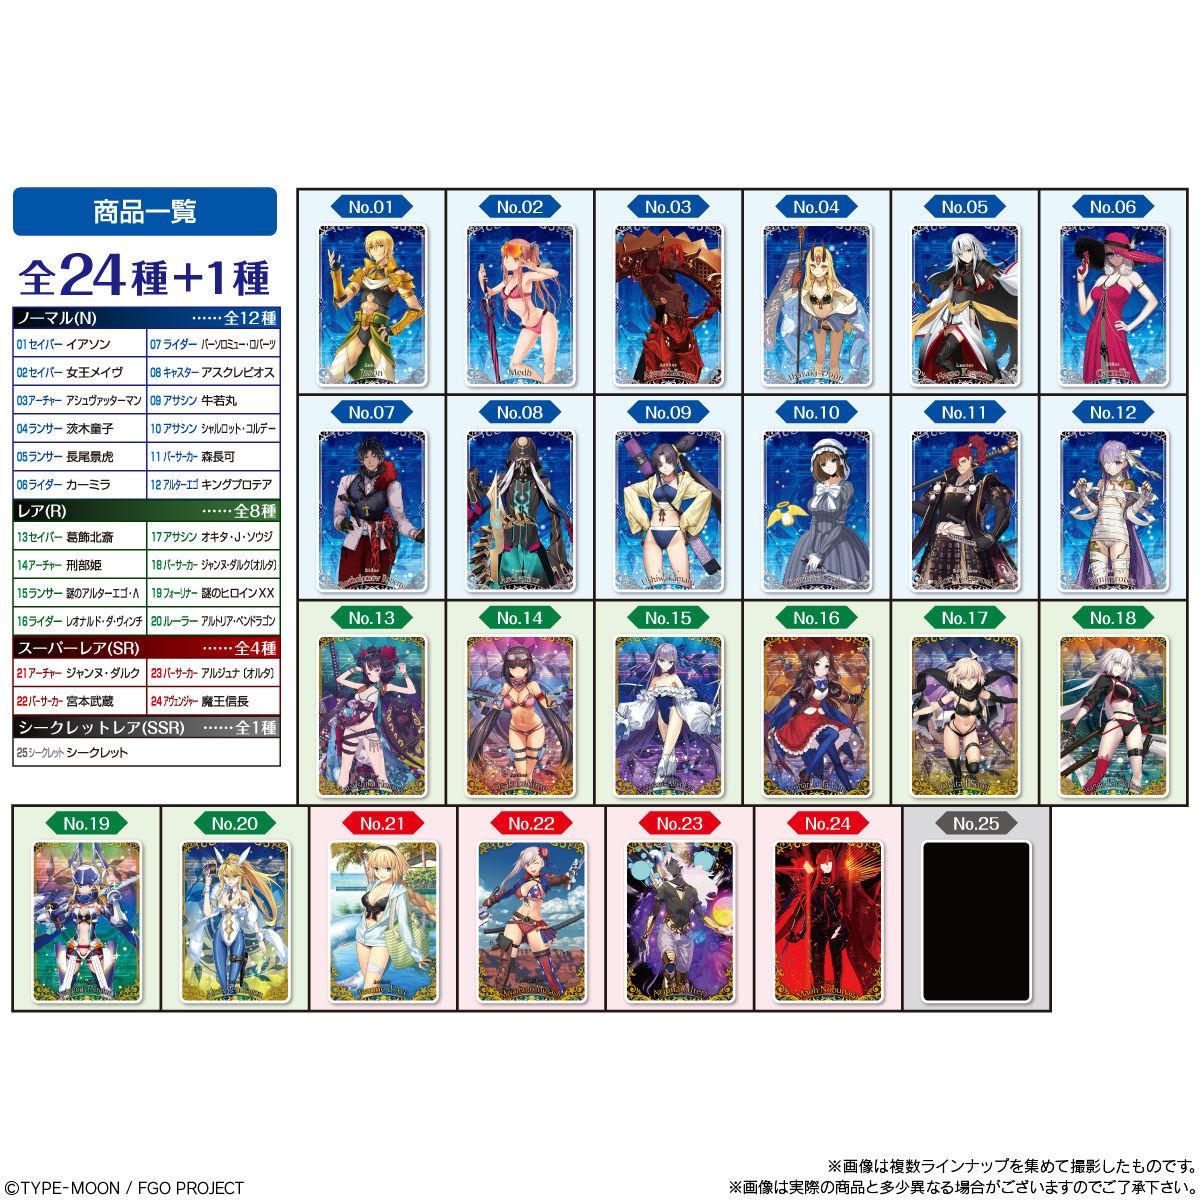 【食玩】『Fate/Grand Order ウエハース9』20個入りBOX-008